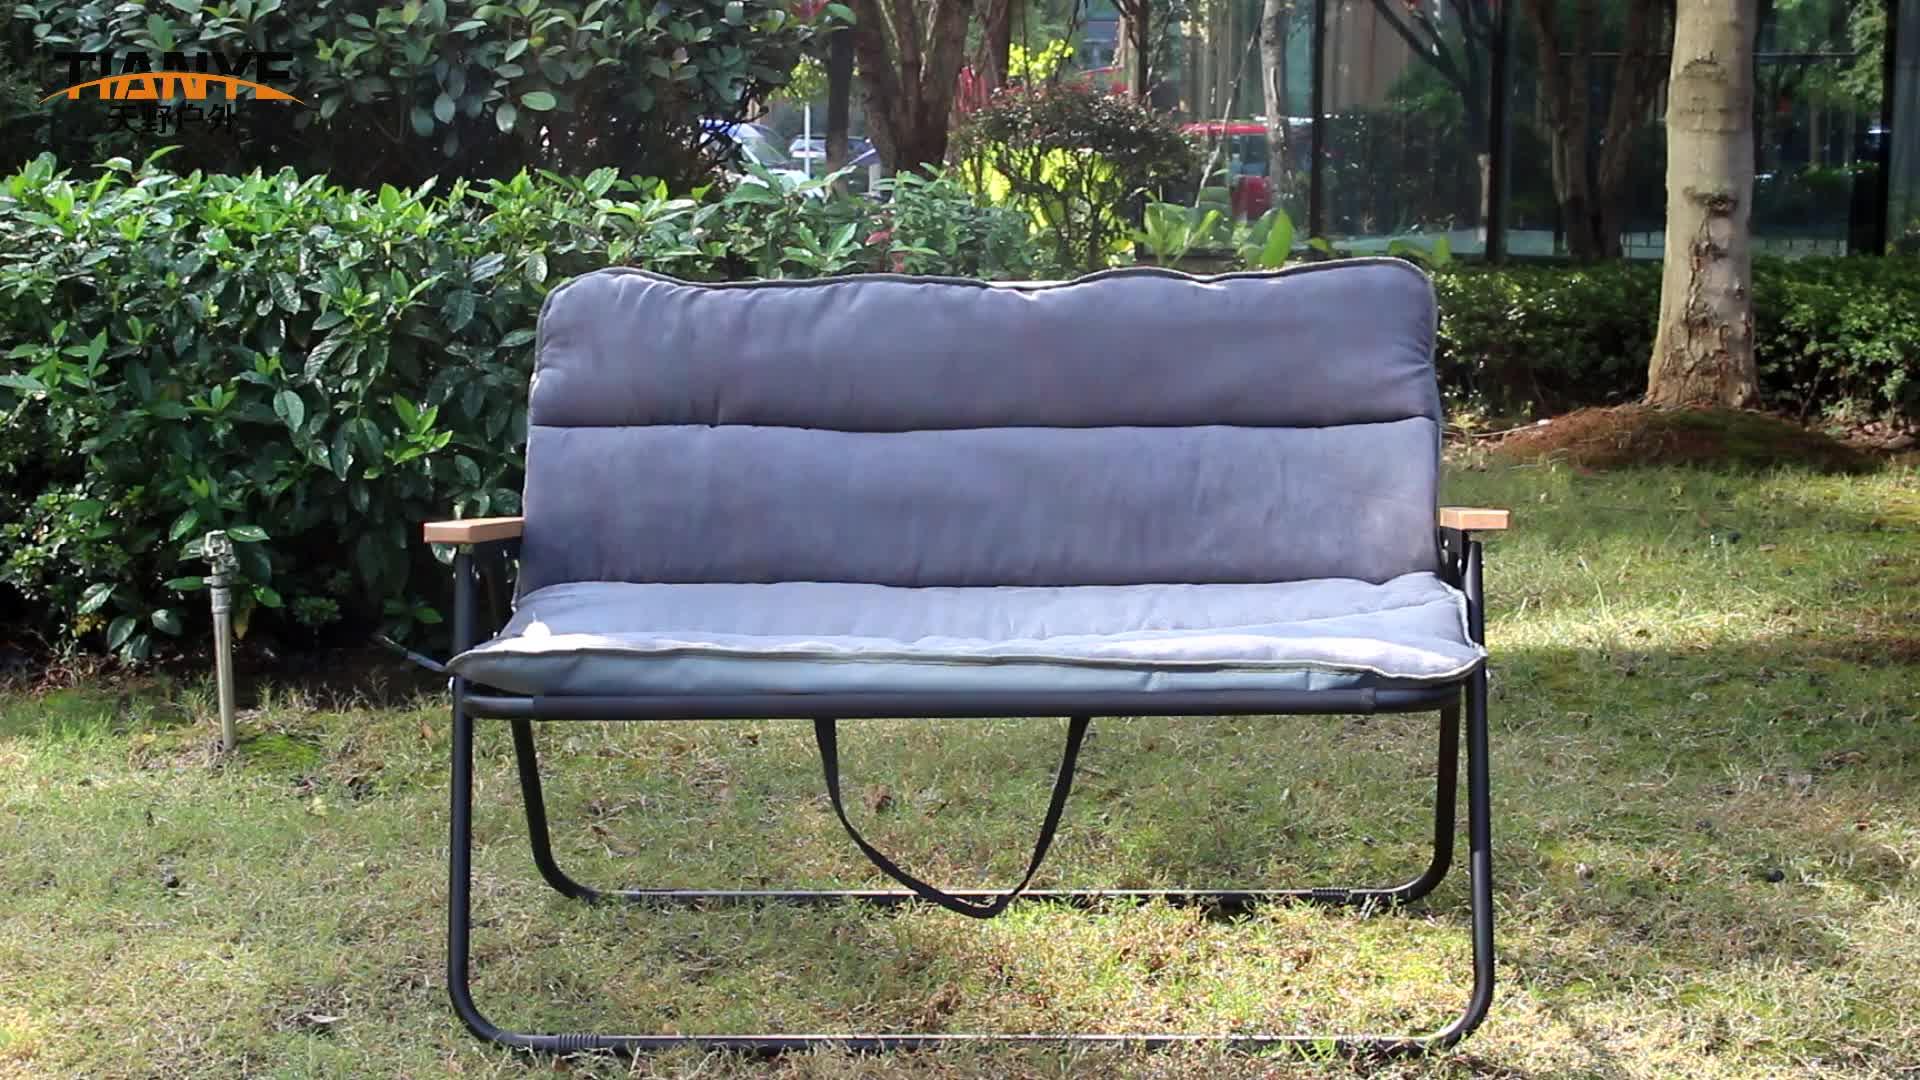 Tianye toptan alüminyum paslanmaz katlanır taşınabilir kamp çift plaj koltuk bahçe sandalyesi rahatla köşeli parantez